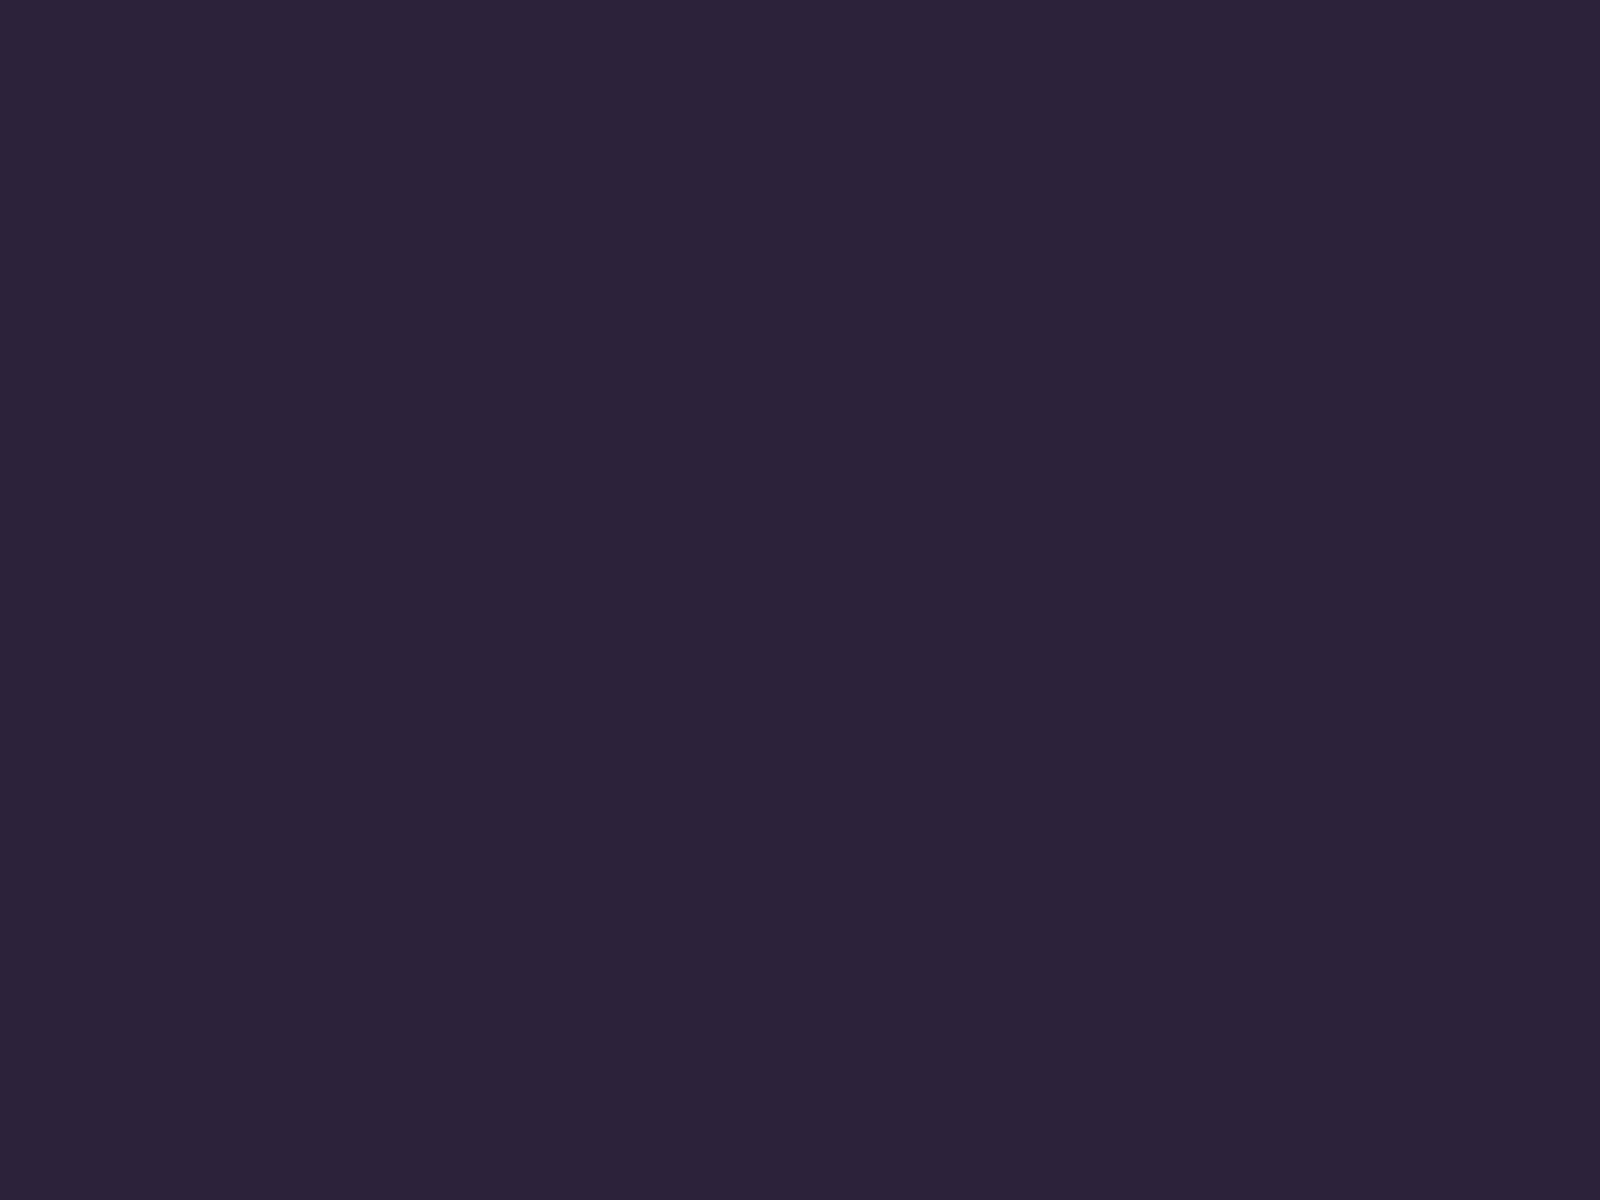 ultra violet die pantone farbe des jahres 2018 sabine gimm. Black Bedroom Furniture Sets. Home Design Ideas